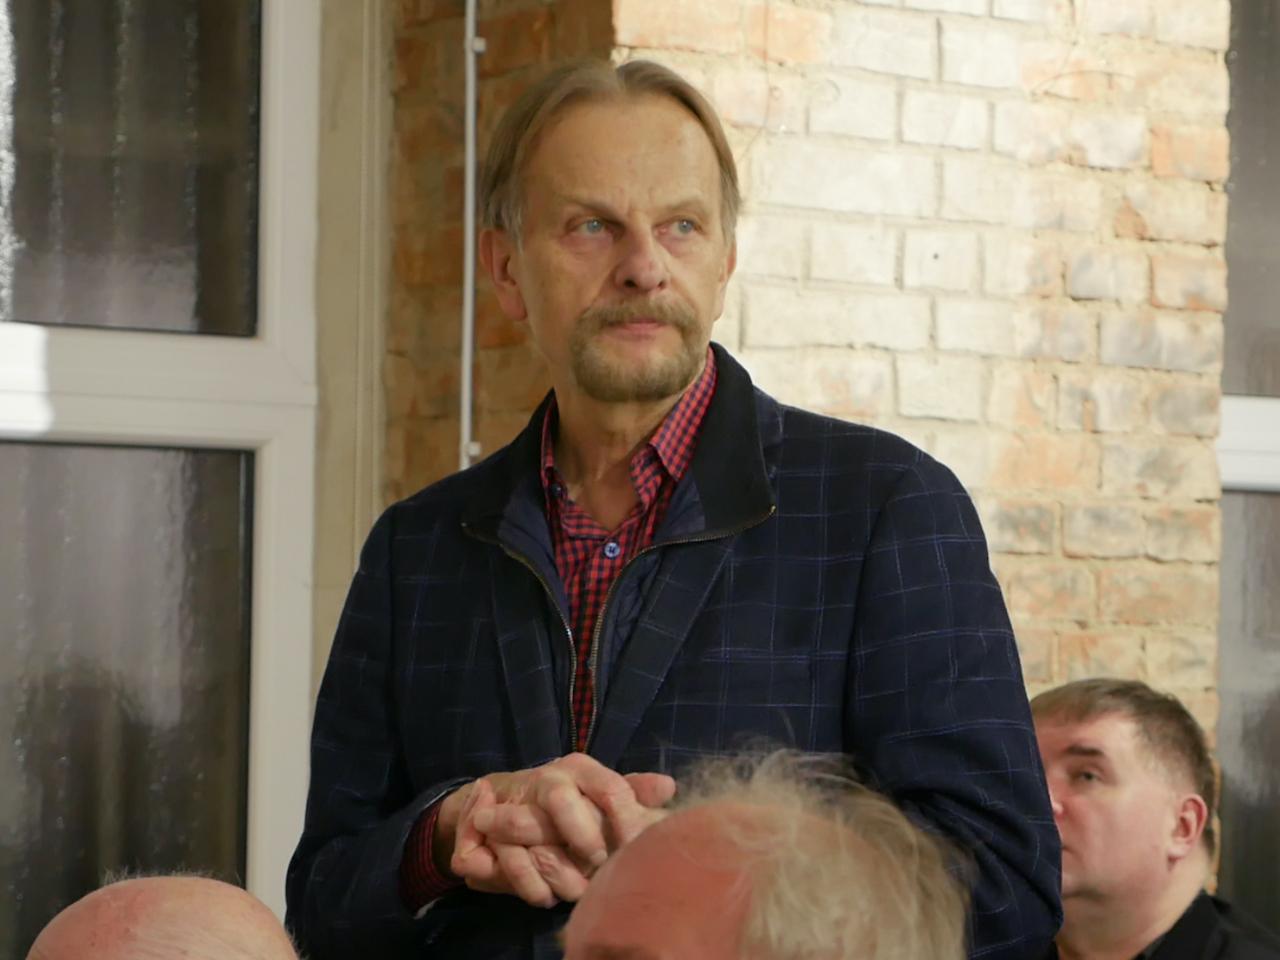 Kacper Witt